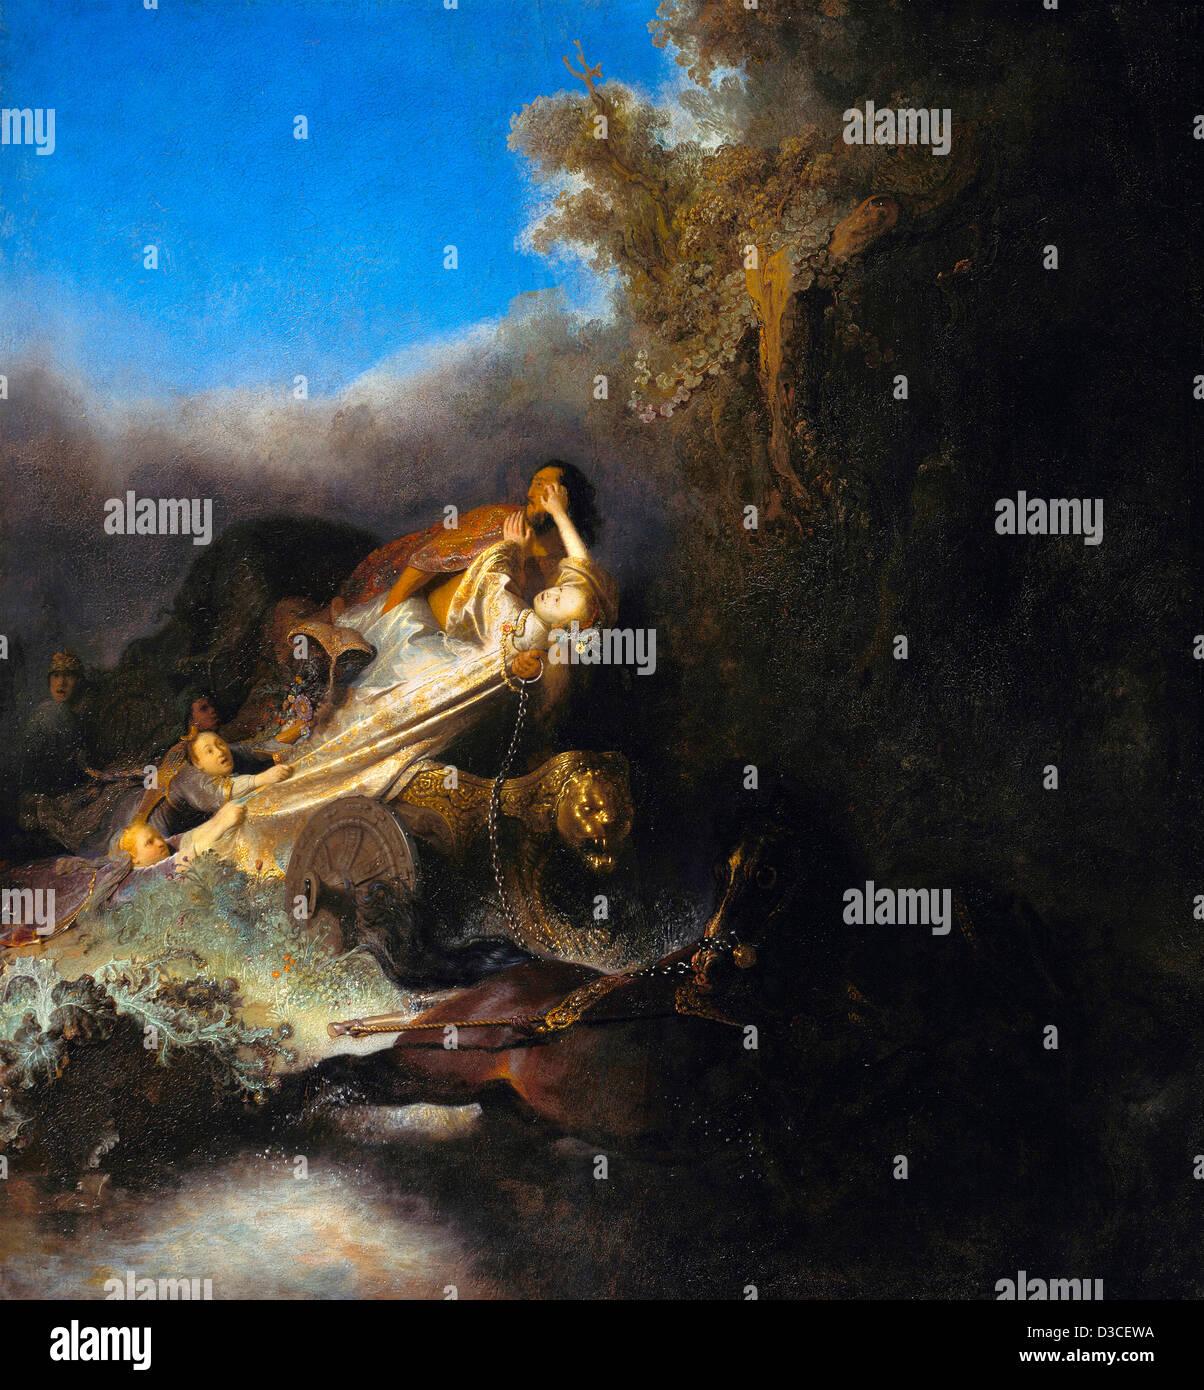 Rembrandt van Rijn, The Abduction of Proserpina. 1631 Oil on panel. Baroque. Gemaldegalerie, Berlin. - Stock Image